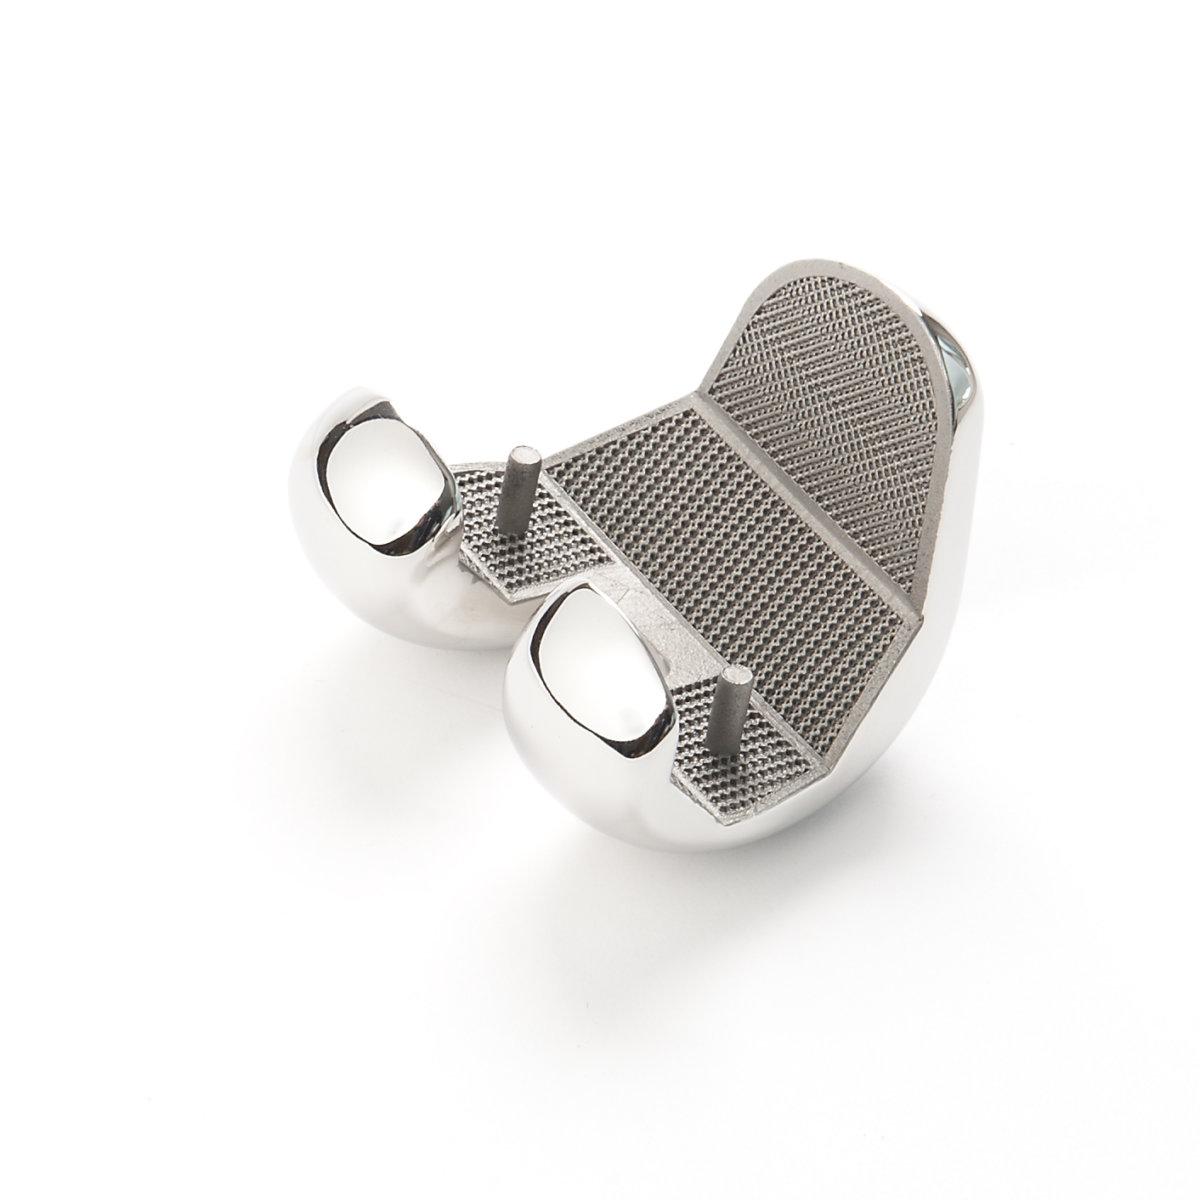 Hersteller für Medizintechnik Canwell Medical und 3D-Drucker-Hersteller SLM Solutions kooperieren beim 3D-Druck von Implantaten